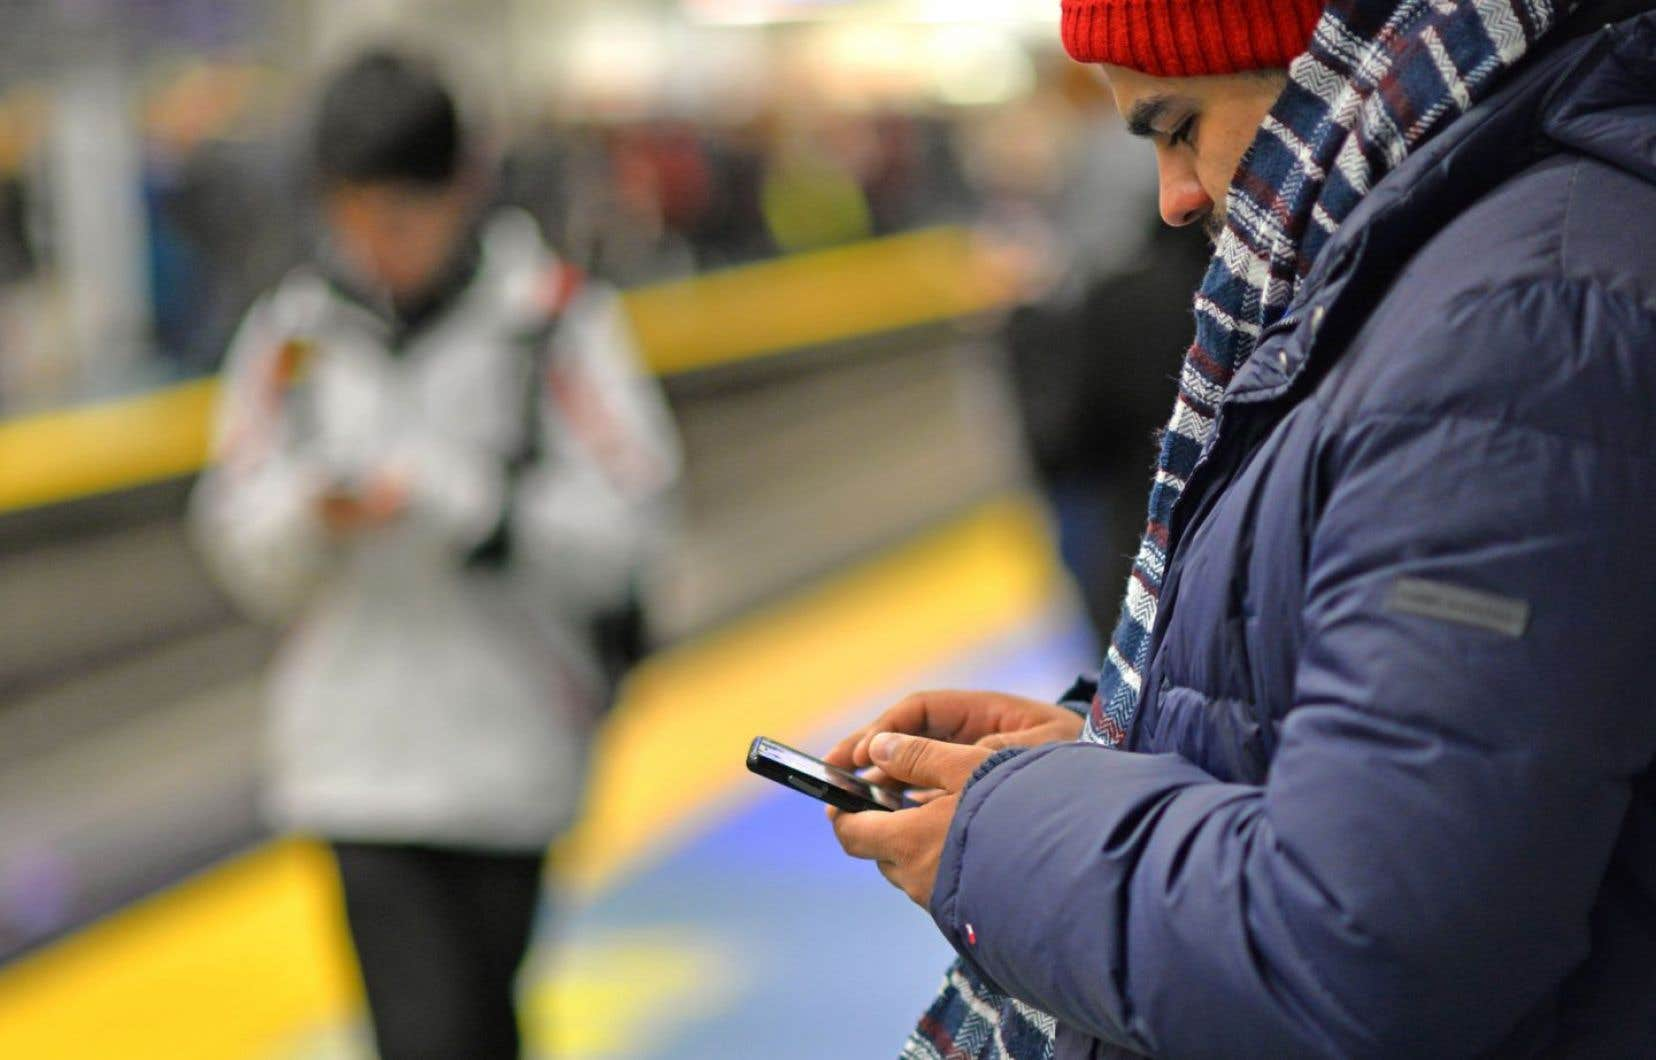 «Nous pourrions continuer encore longtemps, pourtant c'est bien là, sur les réseaux sociaux, que nous avons déplacé une partie importante de notre vie sociale», selon Étienne Savignac.